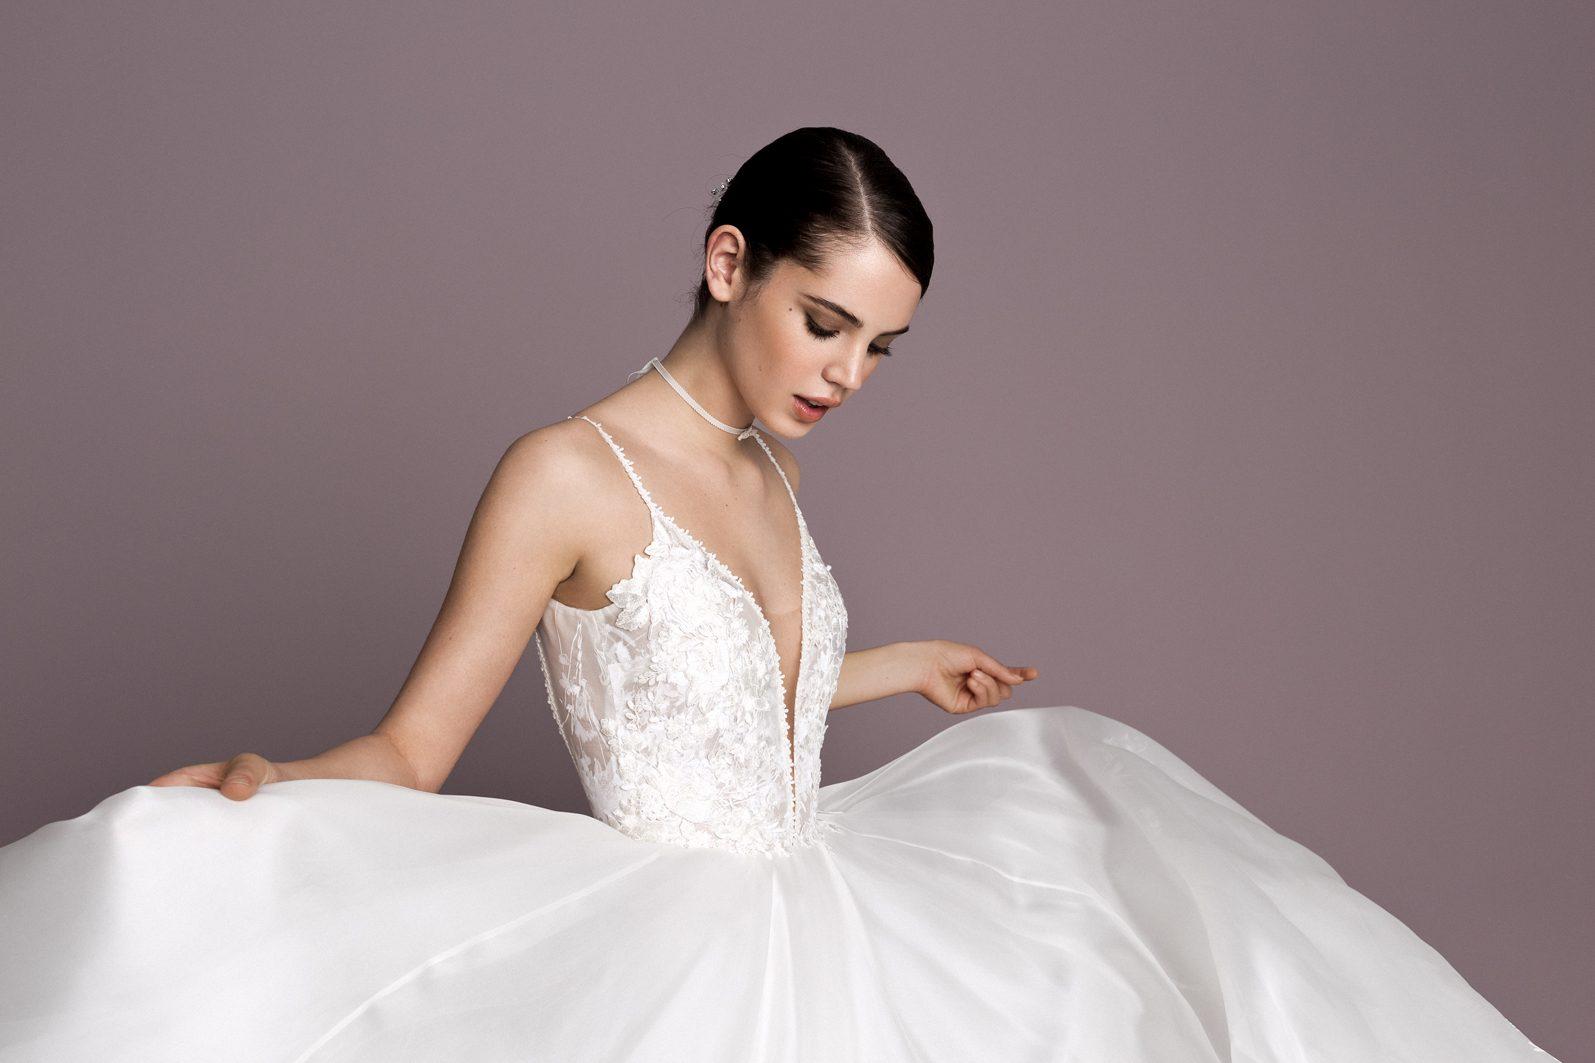 352c242f36 A SUNSET ruhákba mi is becsempésztünk gyönyörű különleges tüll és organza  szoknyás ruhákat, melyeket a királyi esküvők hangulata és dresszkódja  inspirált.